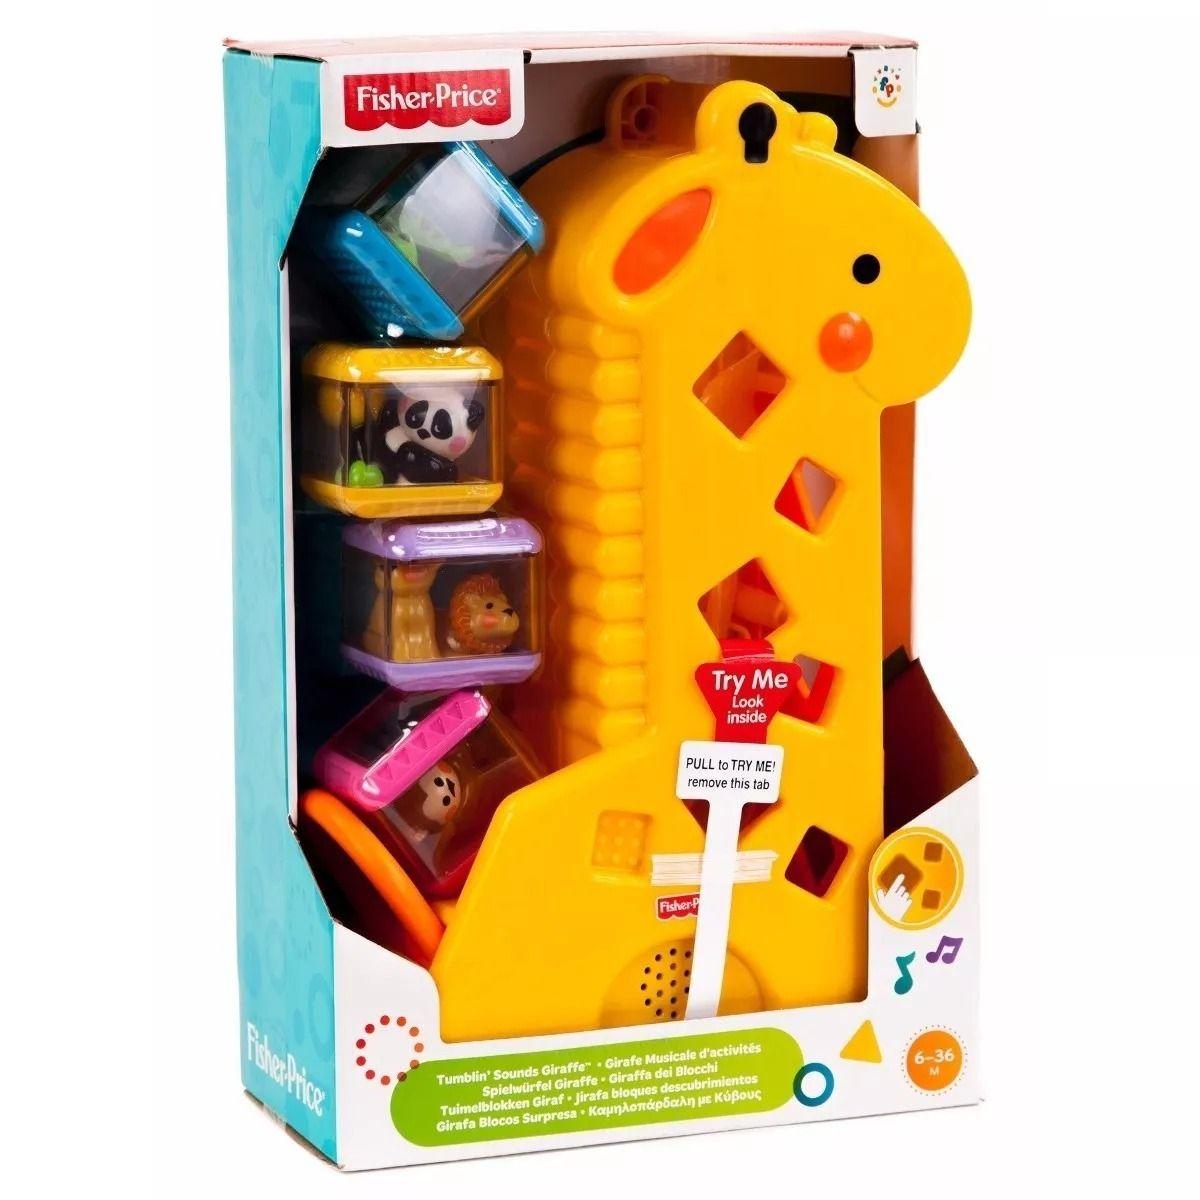 Girafa Blocos Surpresa - Fisher Price